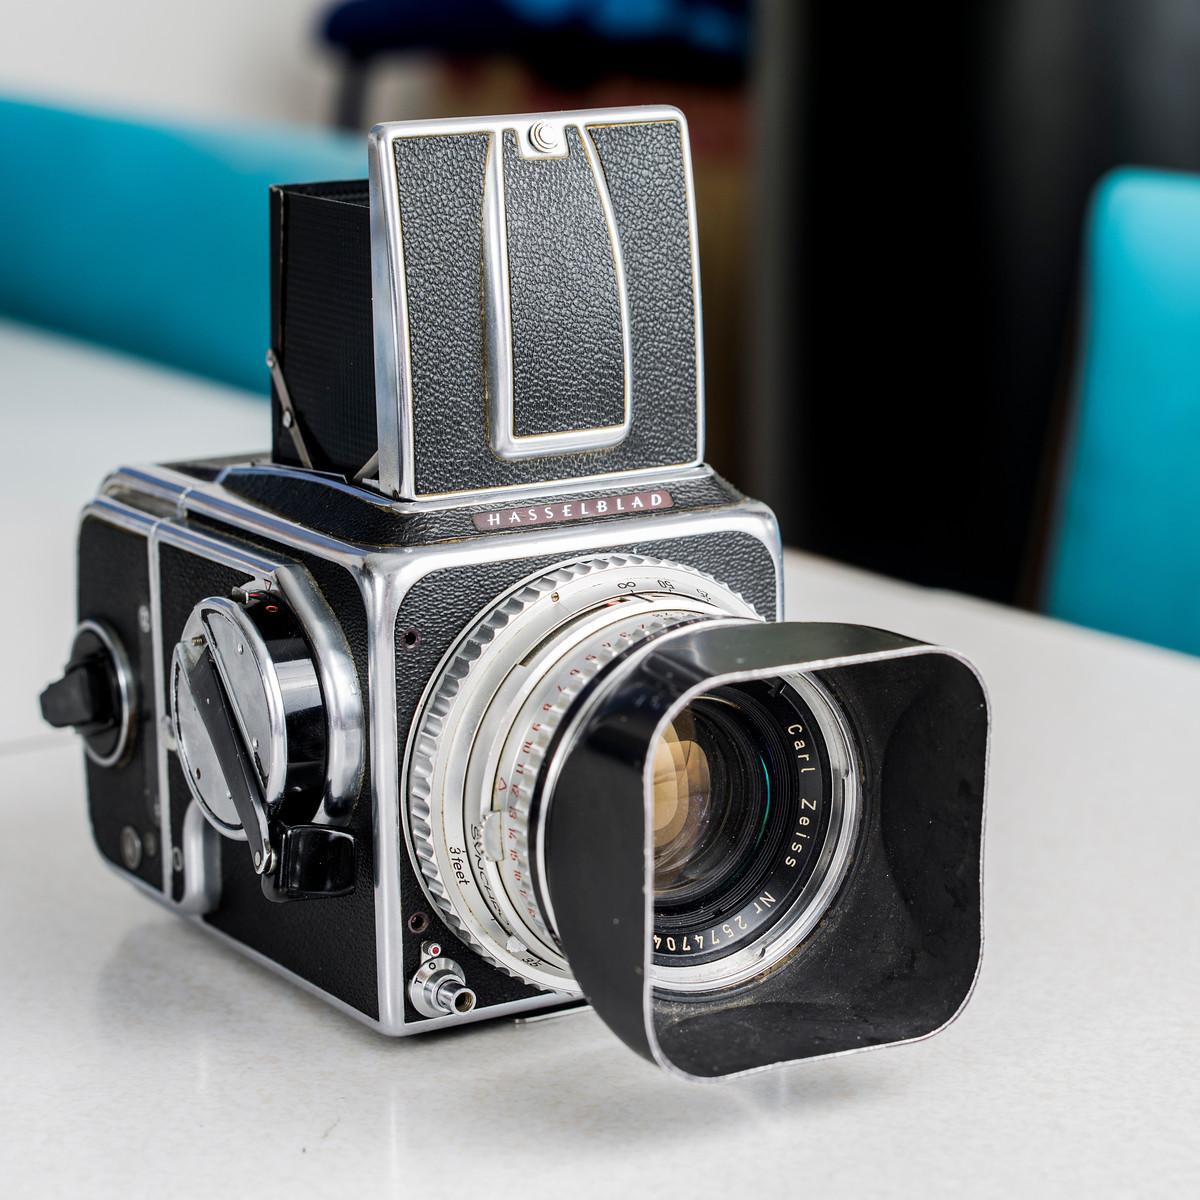 The Standard Lens!